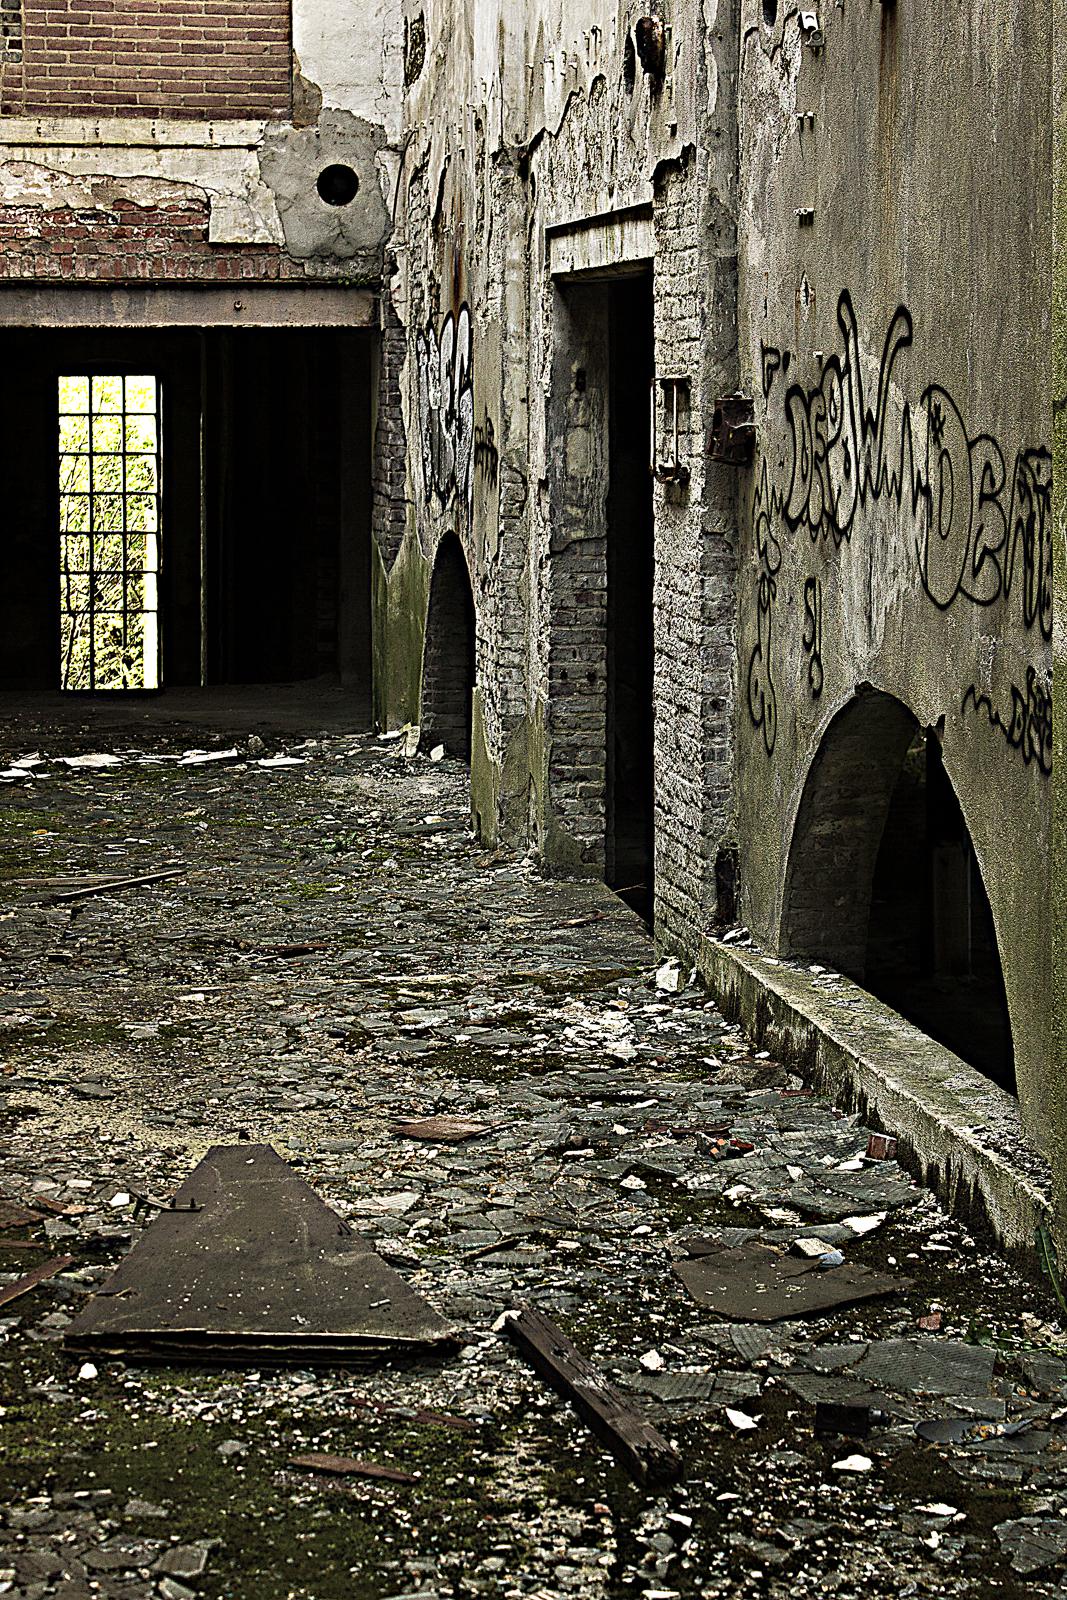 De bunkers van een verlaten aardappelzetmeelfabriek